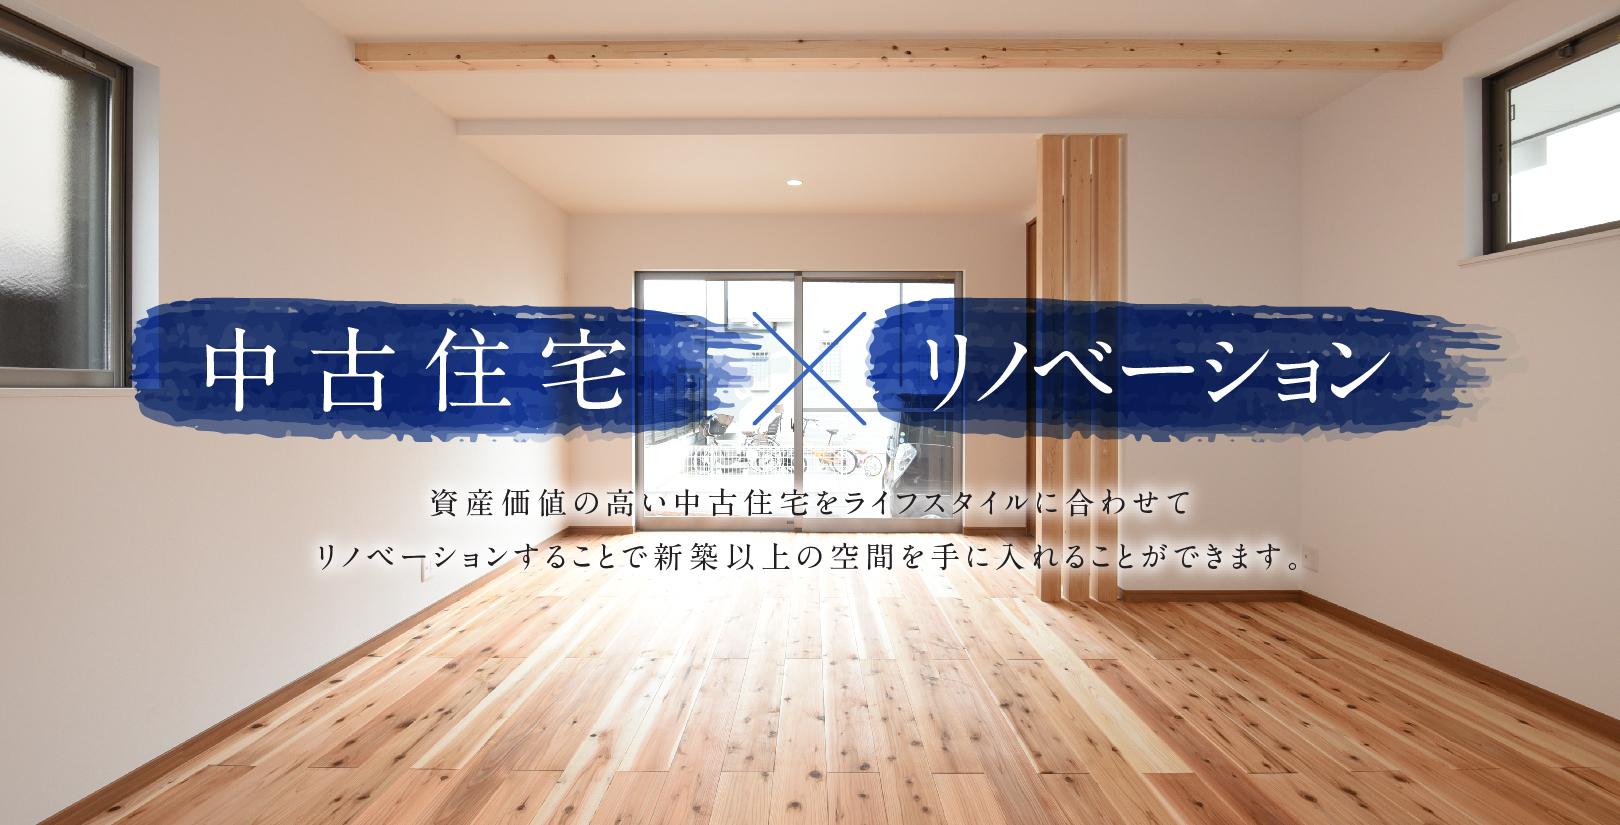 中古住宅×リノベーション